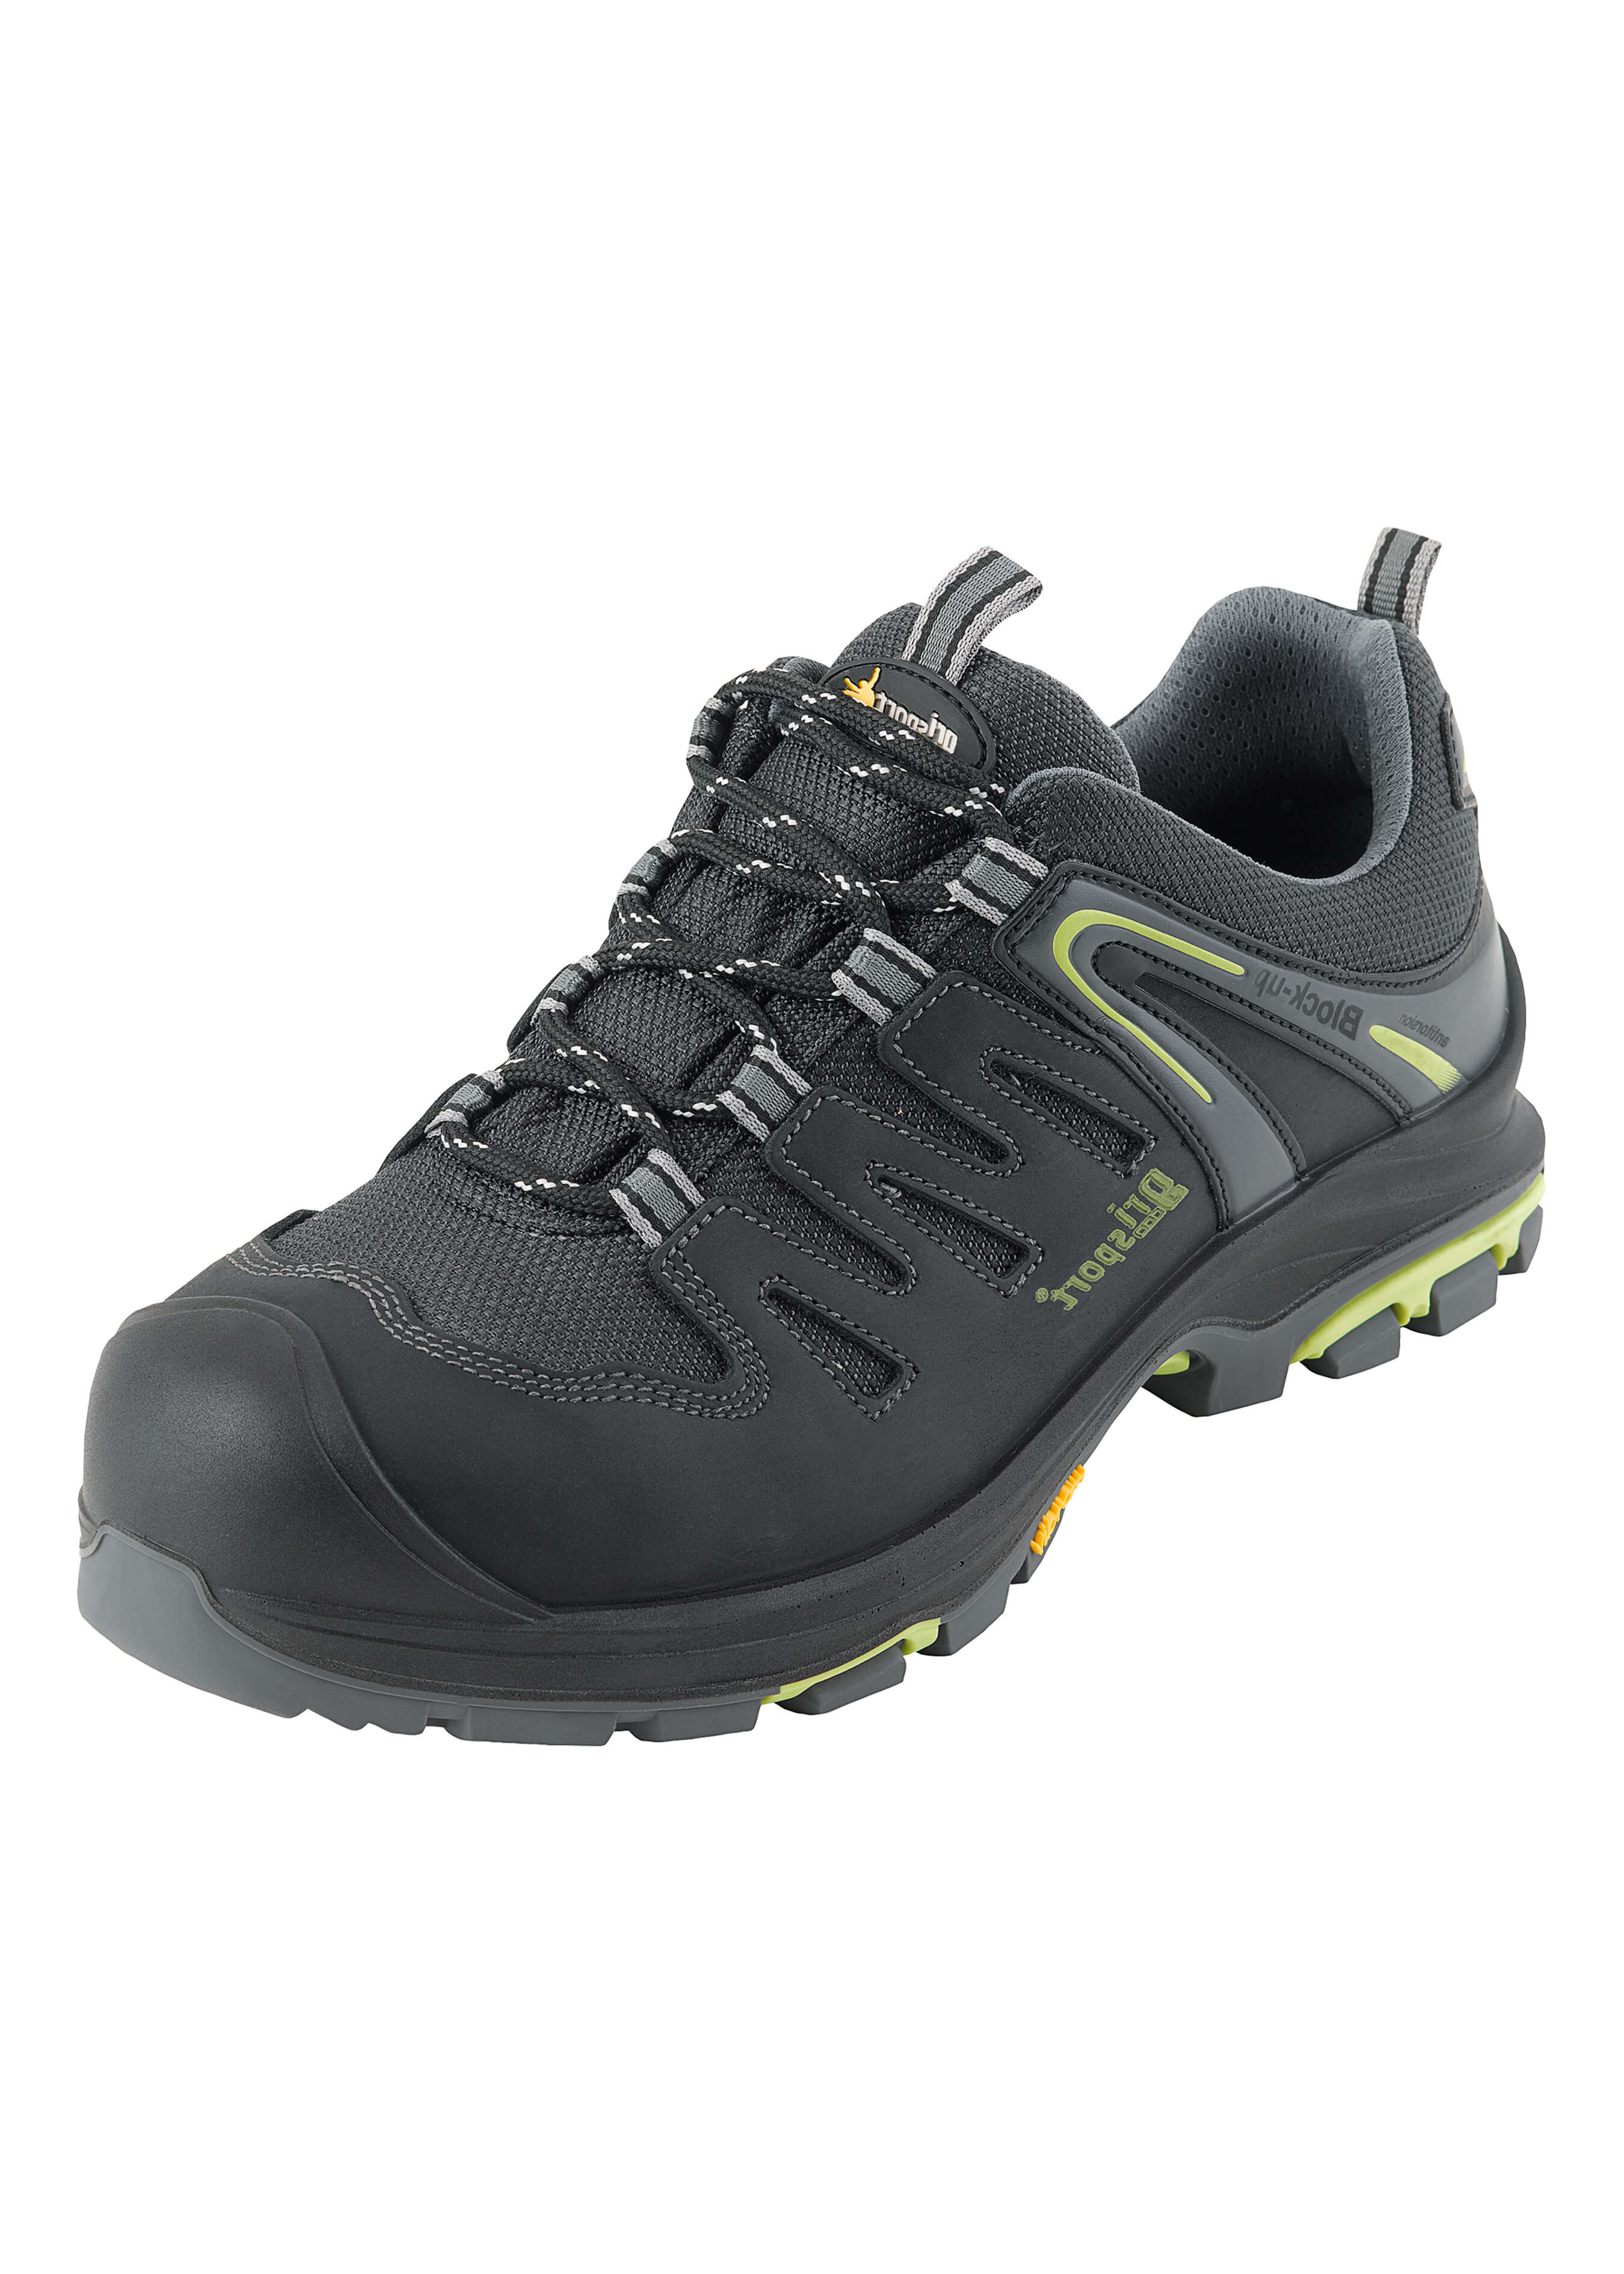 Chaussure de sécurité Alaska S3 Basse L426839 1